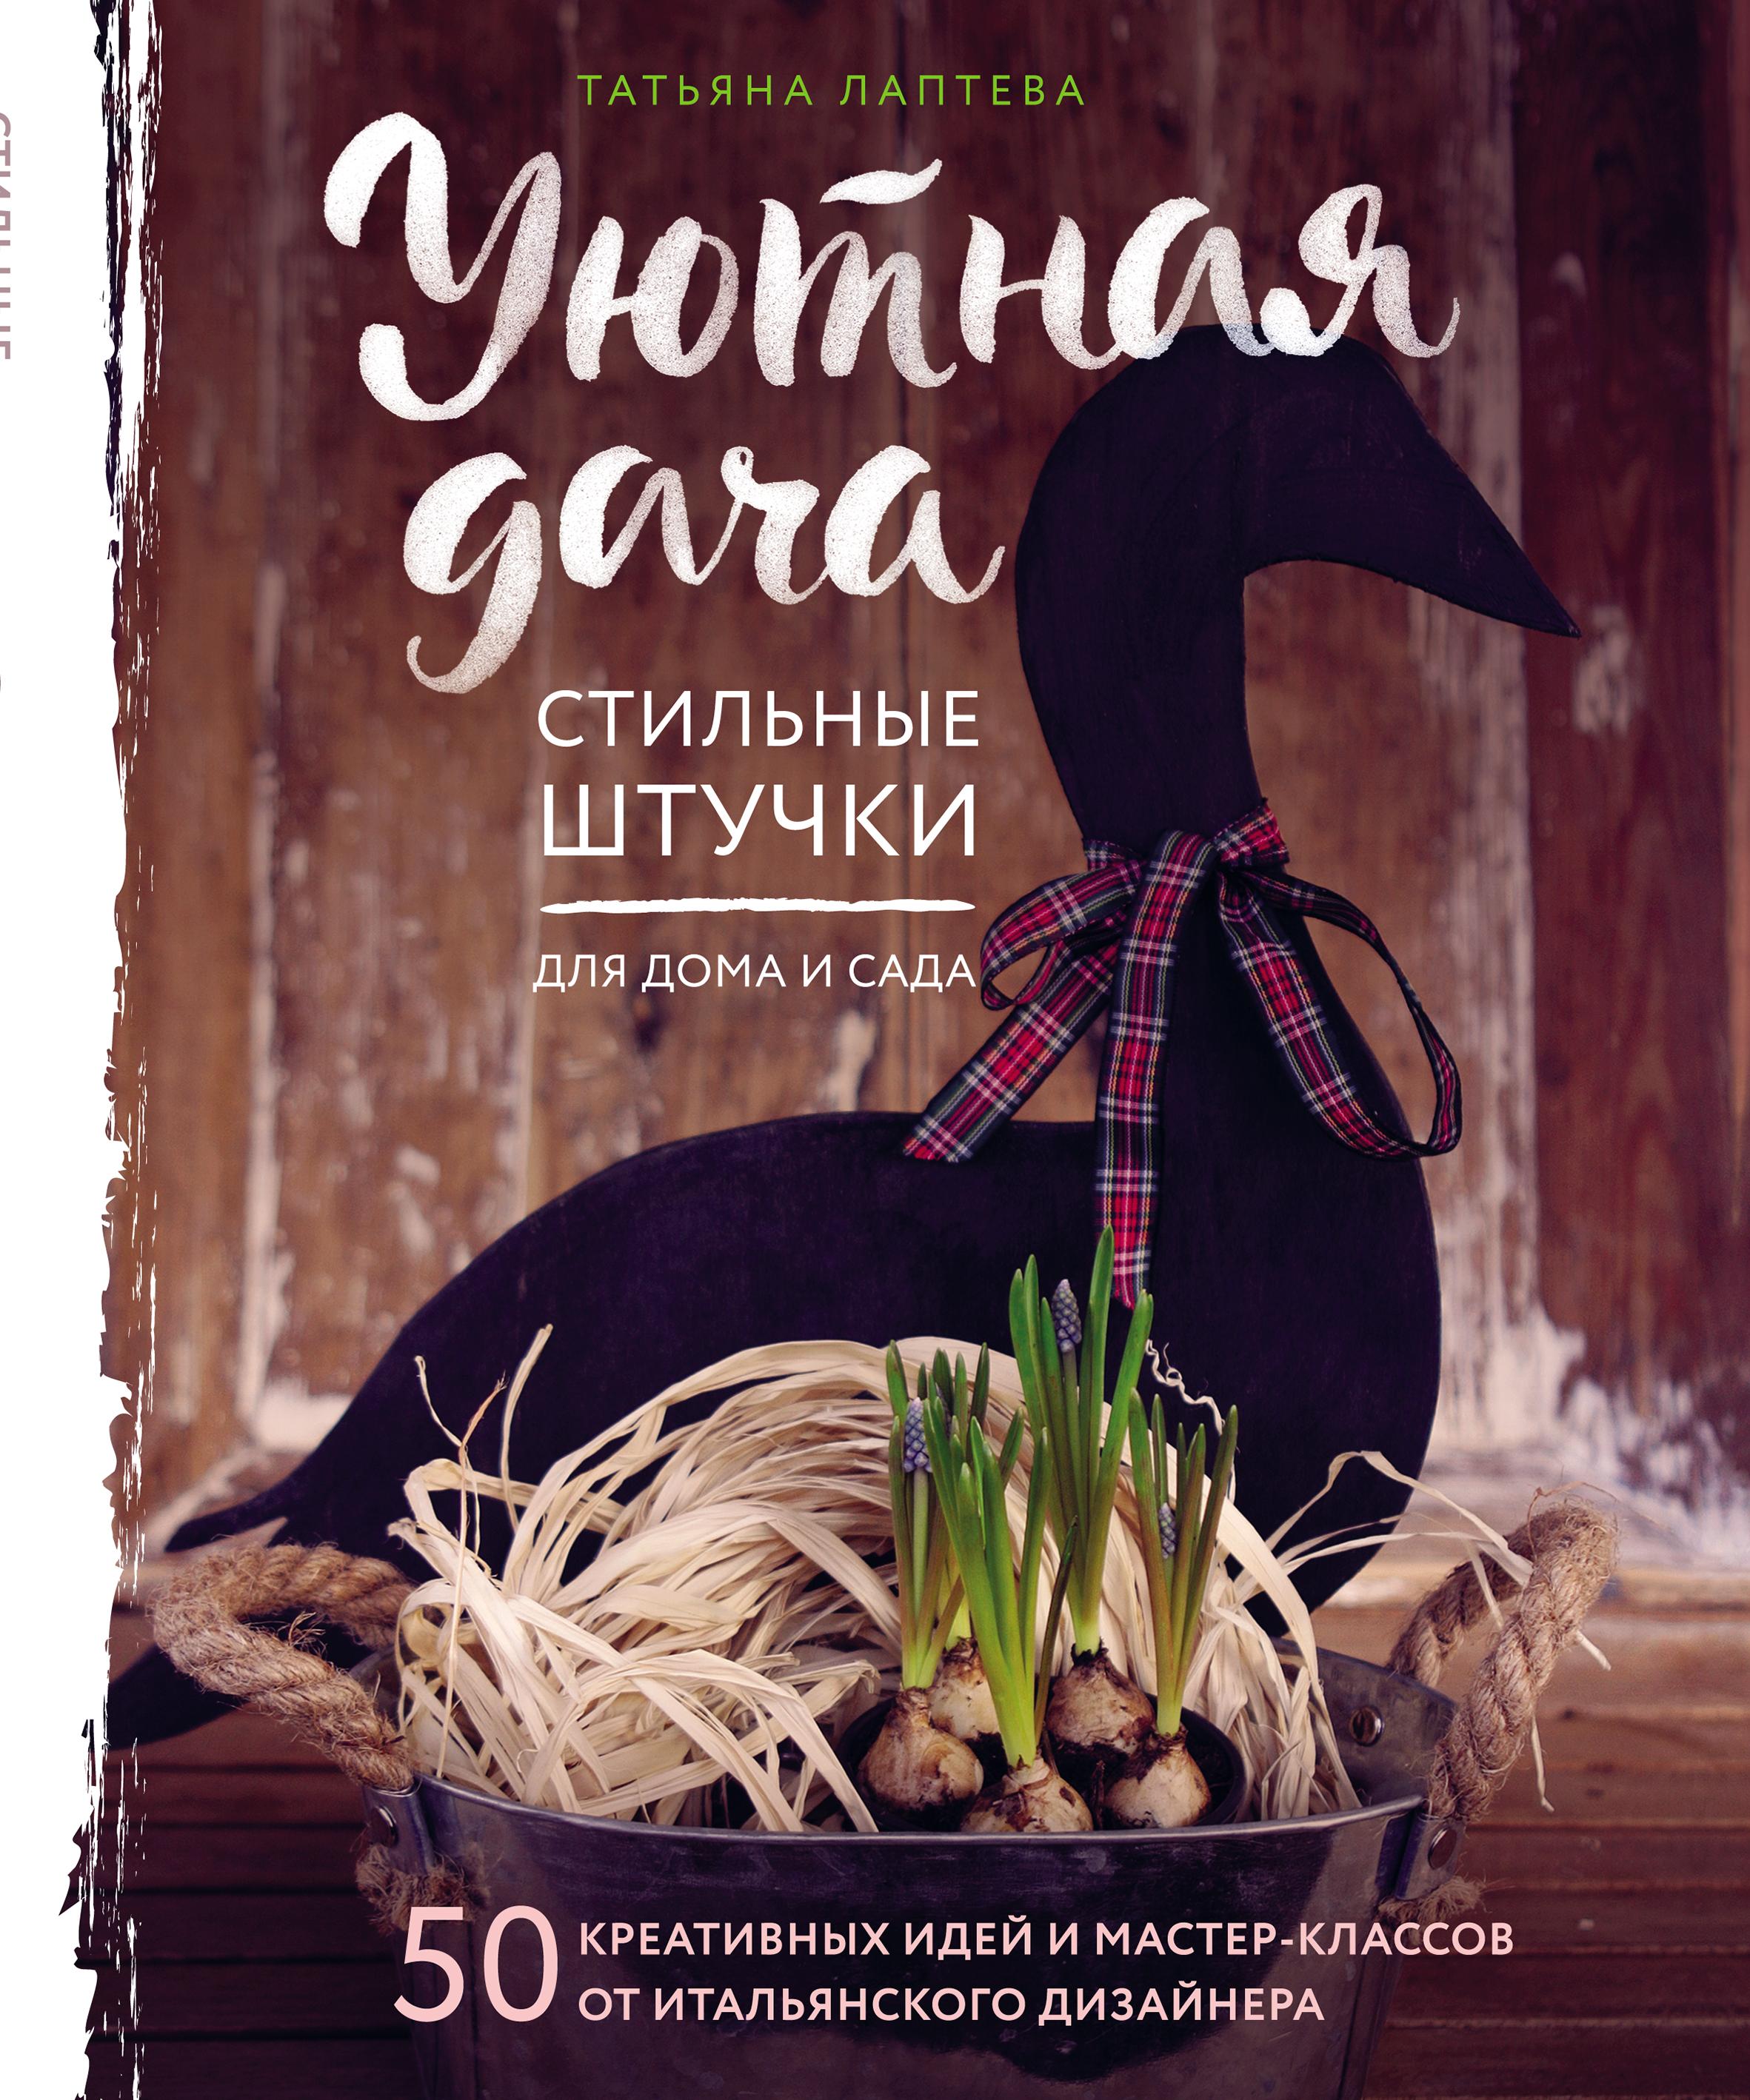 Фото - Татьяна Лаптева Уютная дача. Стильные штучки для дома и сада аксессуары для сада